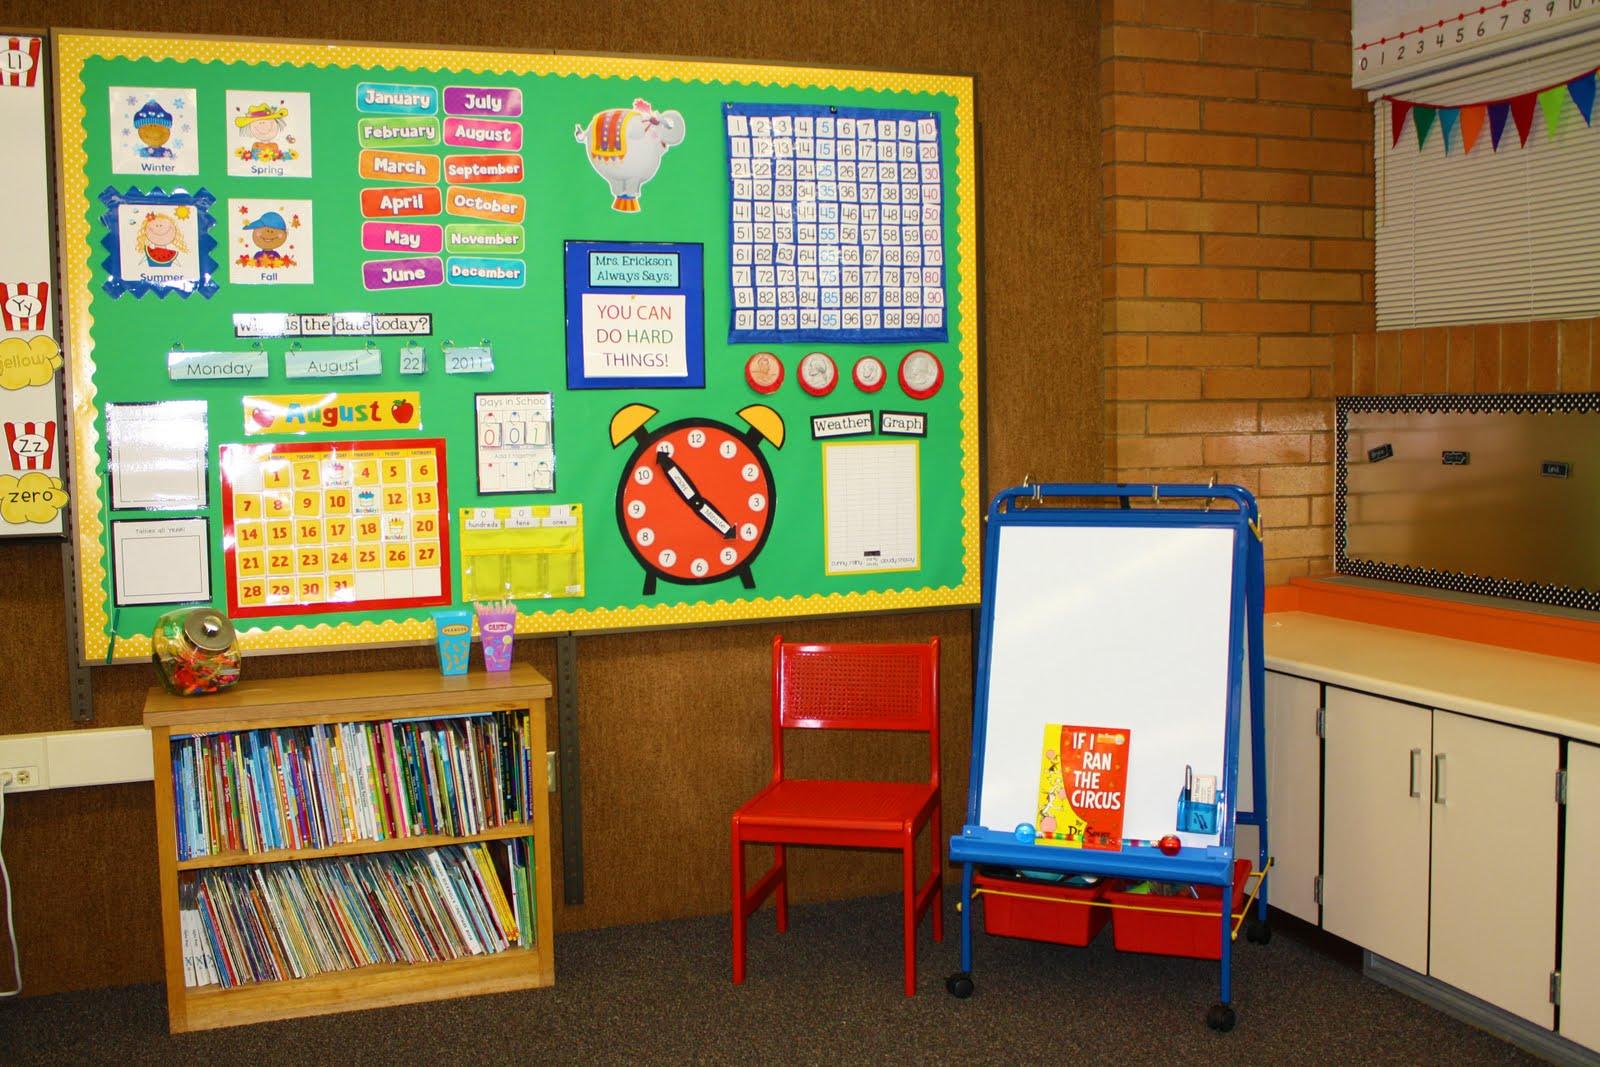 Calendar Time Kindergarten Ideas : The teacher wife calendar wall